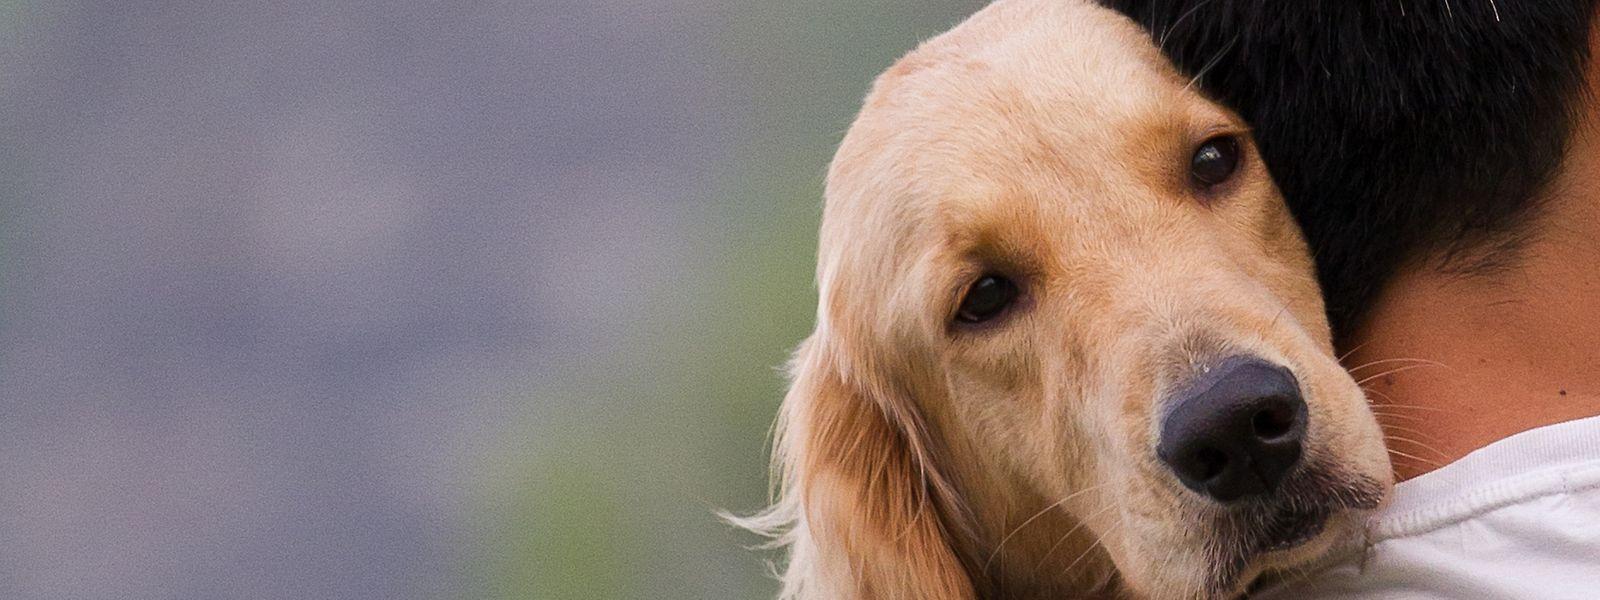 """Hunde, die nicht angeleint oder unzureichend erzogen sind, laufen eher Gefahr, sich durch den Verzehr eines vermeintlichen """"Leckerlis"""" zu vergiften oder zu verletzen."""